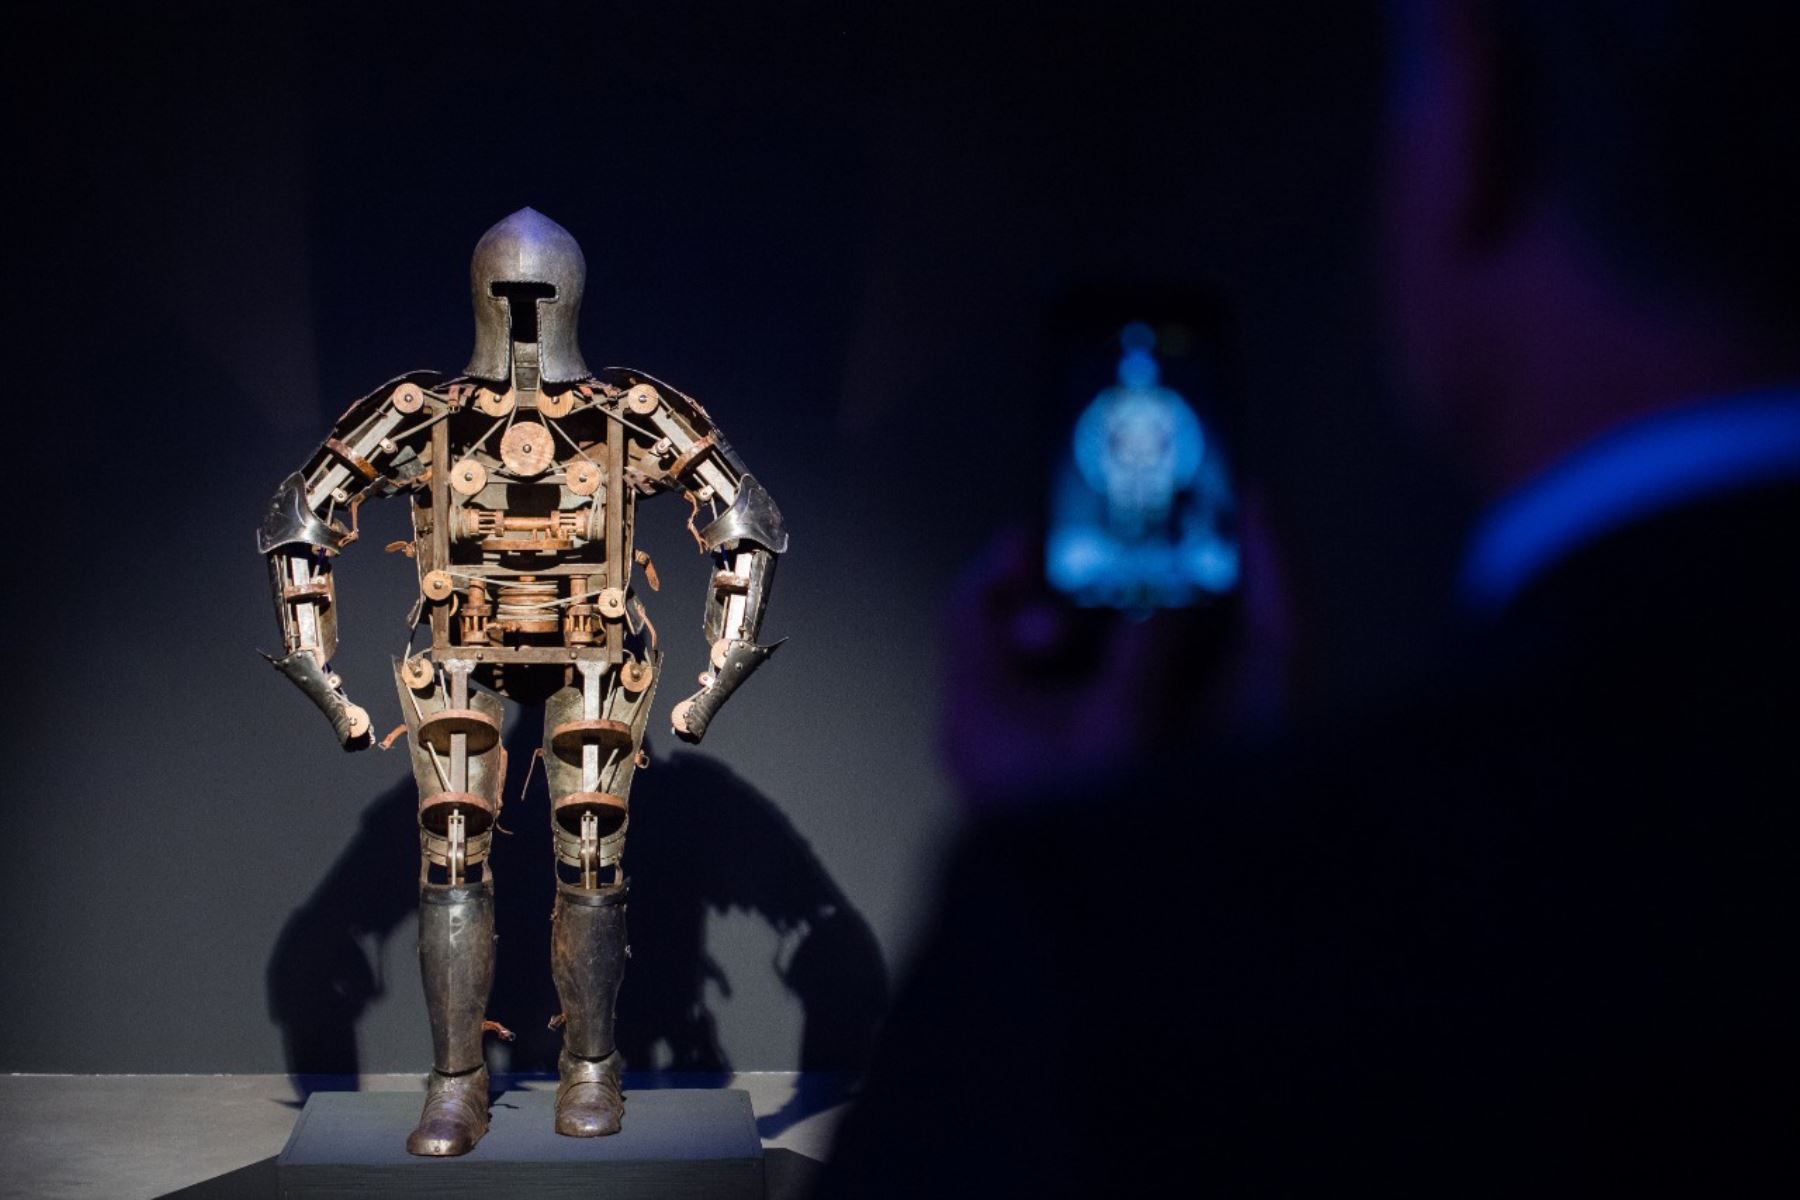 'Nosotros, Robots': La exposición de arte que muestra nuestro posible futuro tecnológico